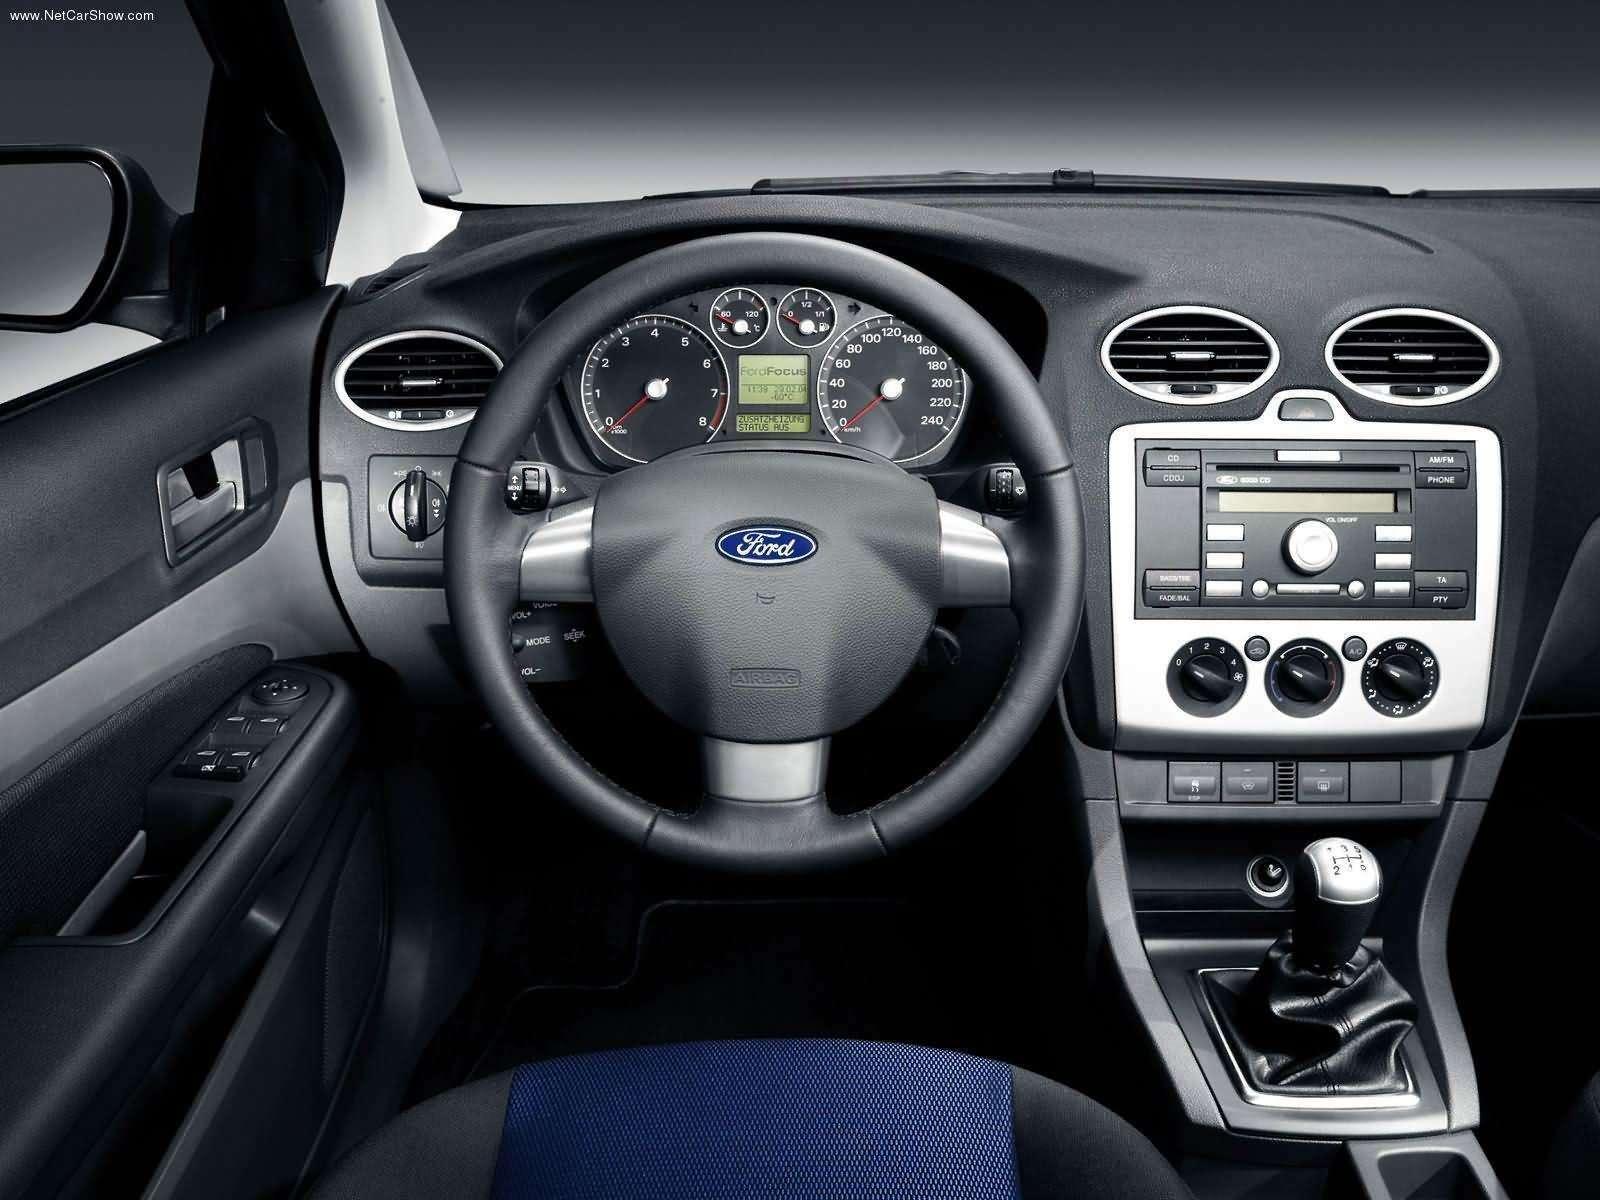 Ford-Focus_TDCi_5door_European_Version_2004_1600x1200_wallpaper_10